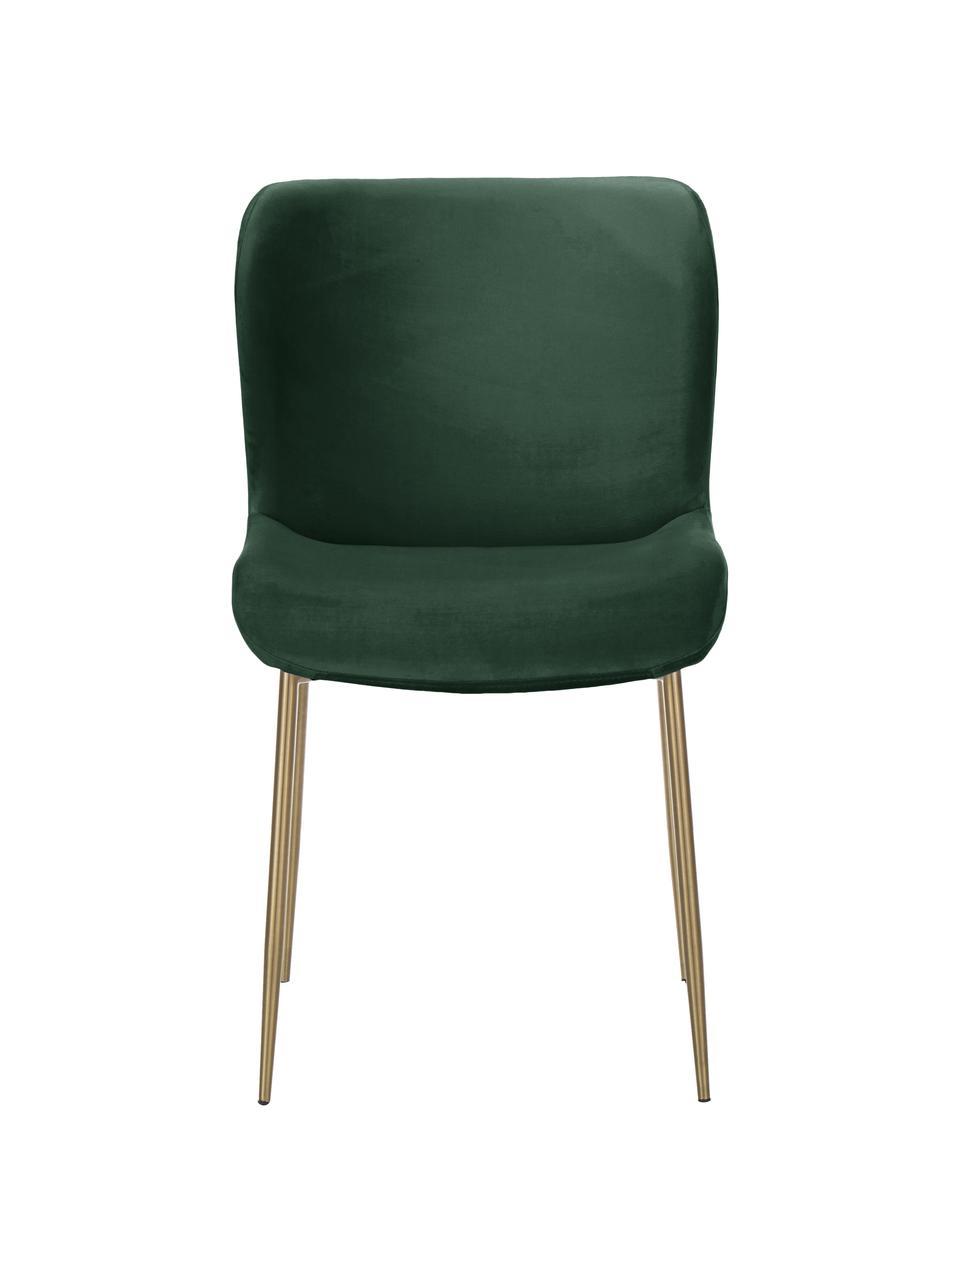 Fluwelen stoel Tess in groen, Bekleding: fluweel (polyester), Poten: gepoedercoat metaal, Fluweel groen, goudkleurig, 49 x 84 cm